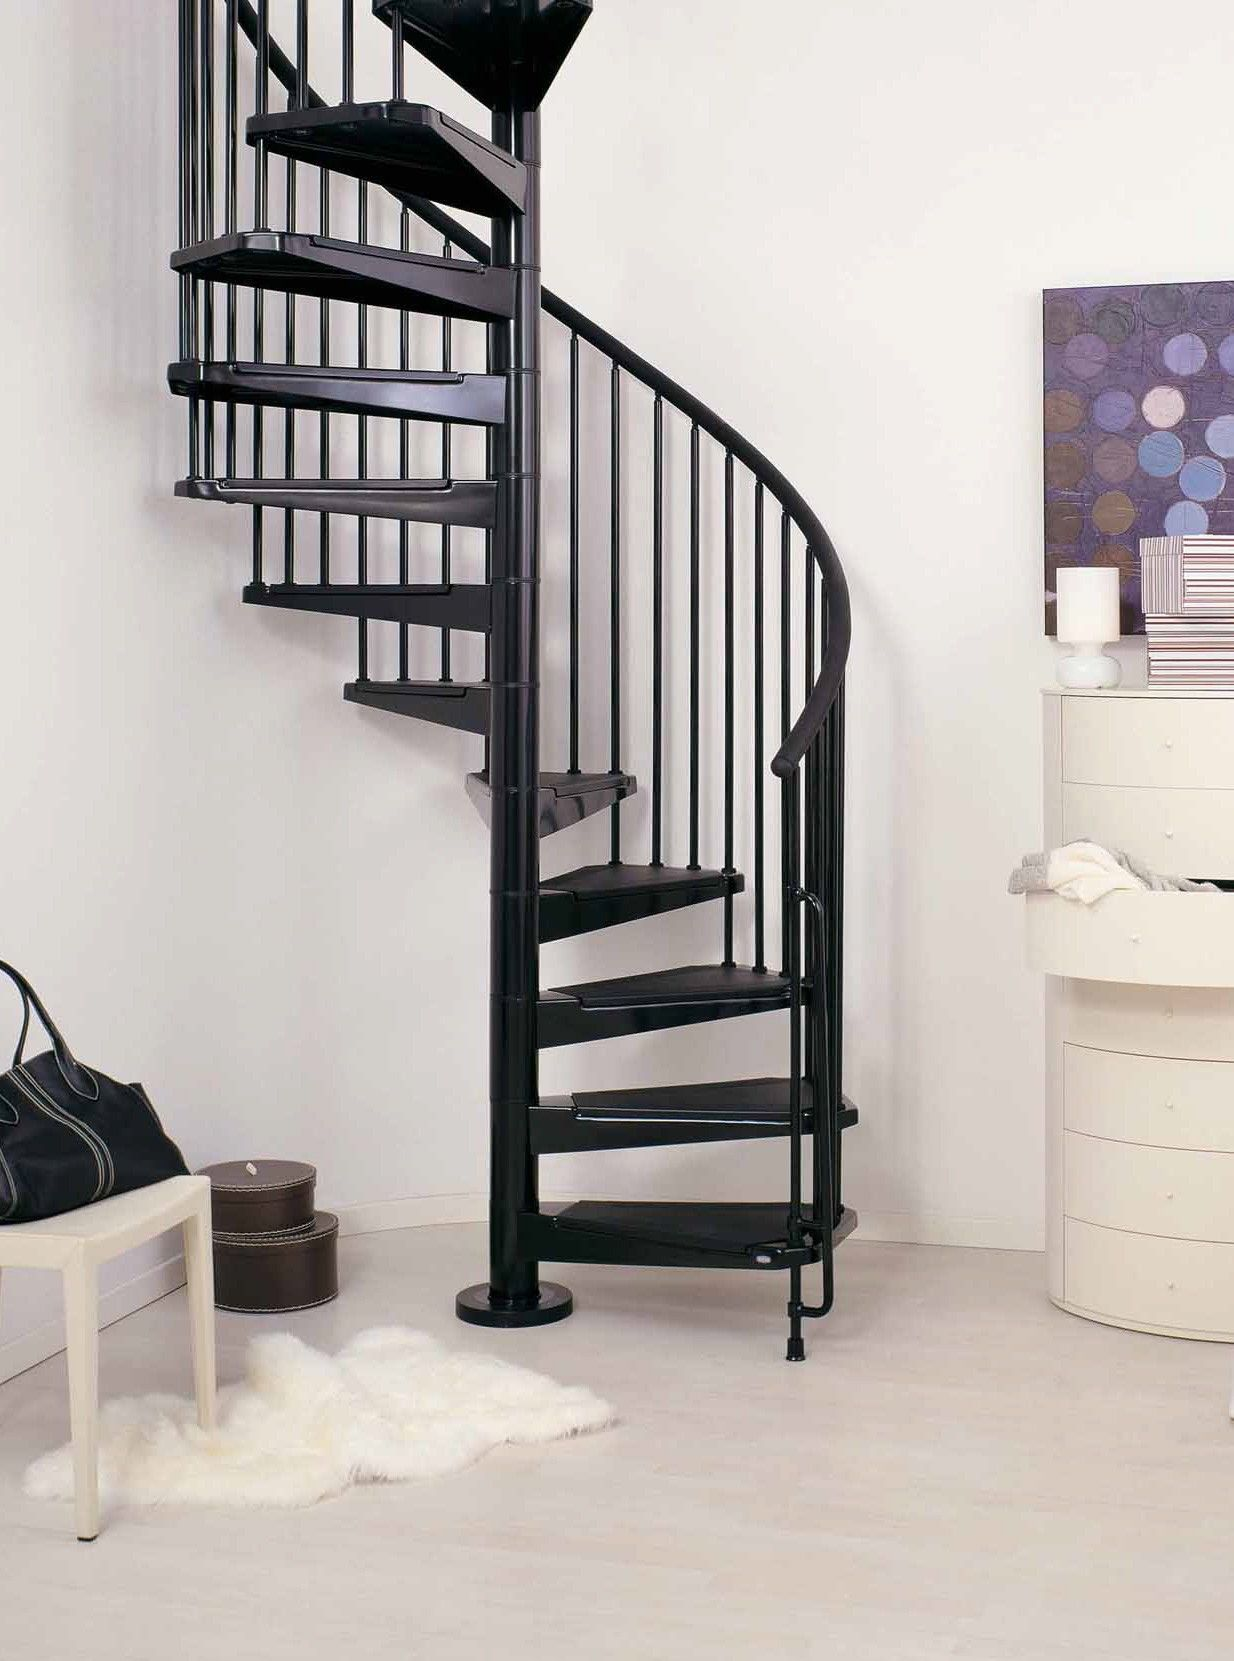 a fresh graz modular space saver spiral staircase space saver spiral